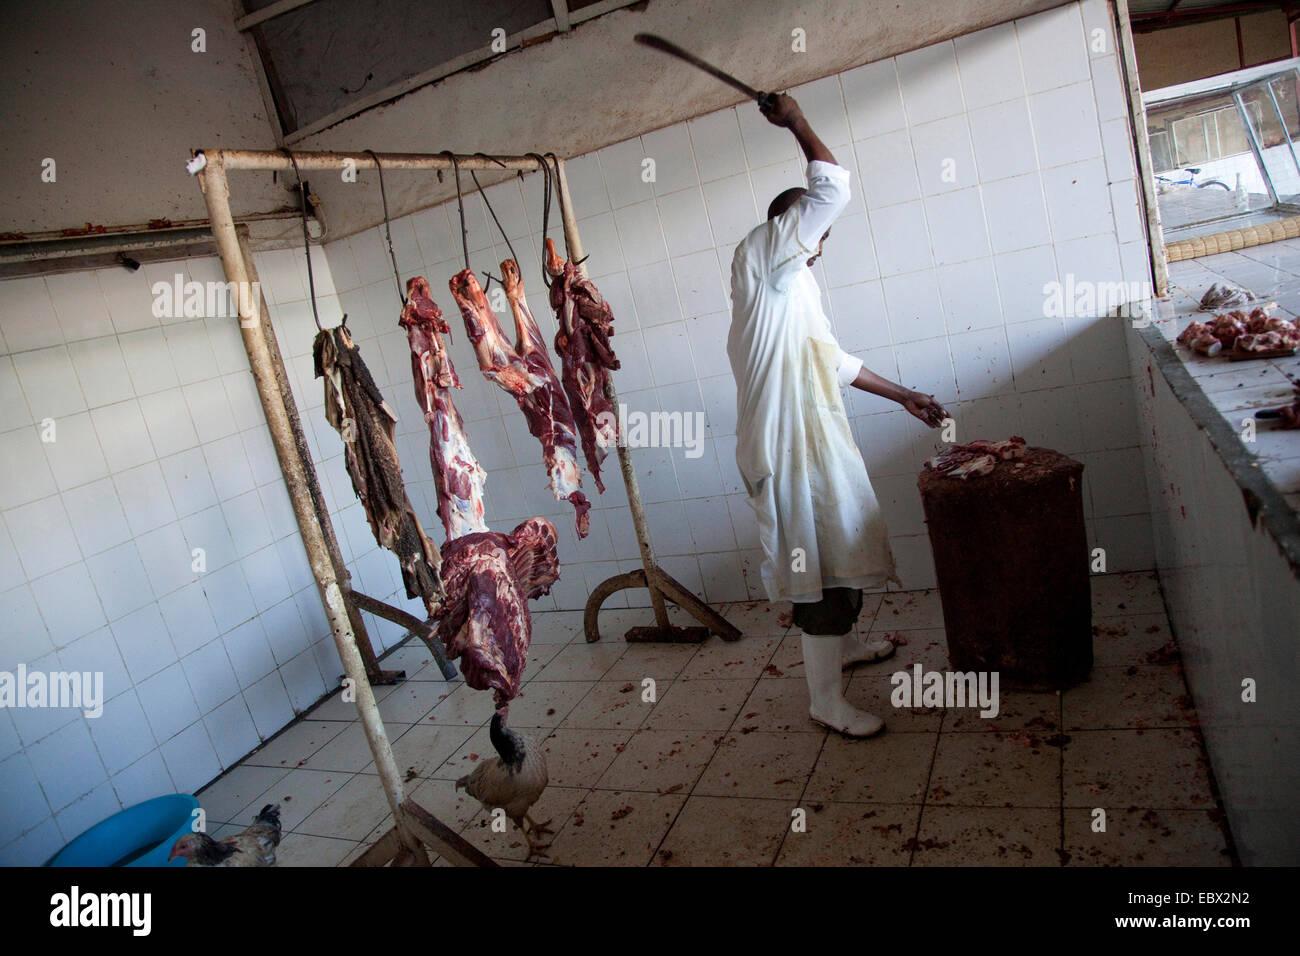 Carnicero cortando la carne en un tronco de madera, en Rwanda, en Nyamirambo, Kigali Foto de stock